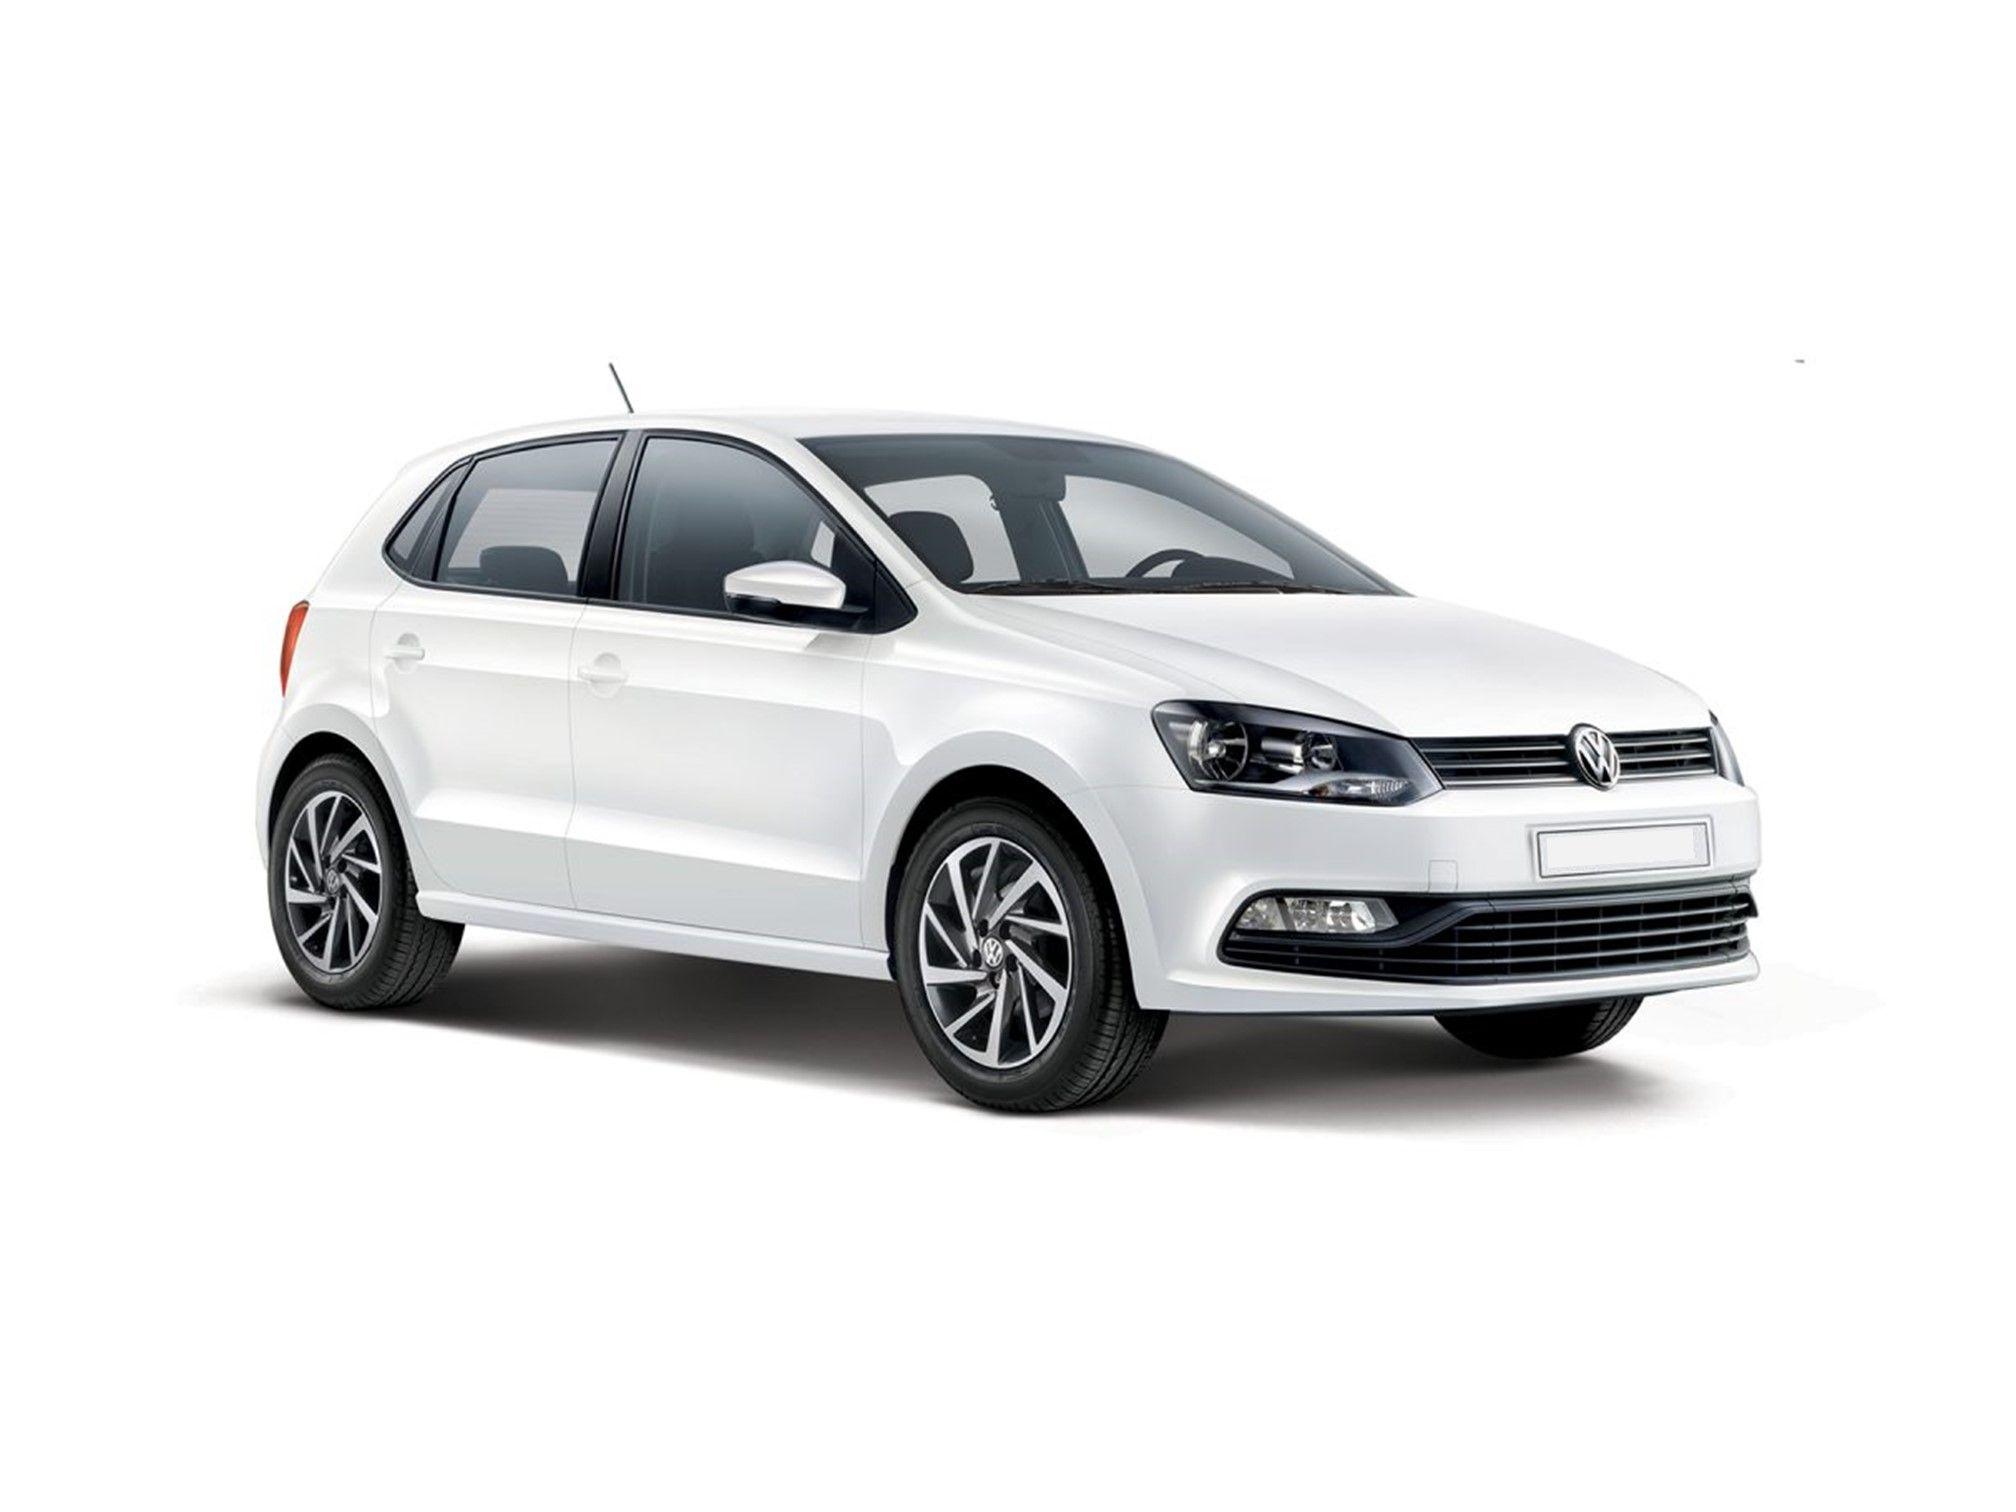 Orlando Rent A Car Alquiler De Coches Renault Clío Robo